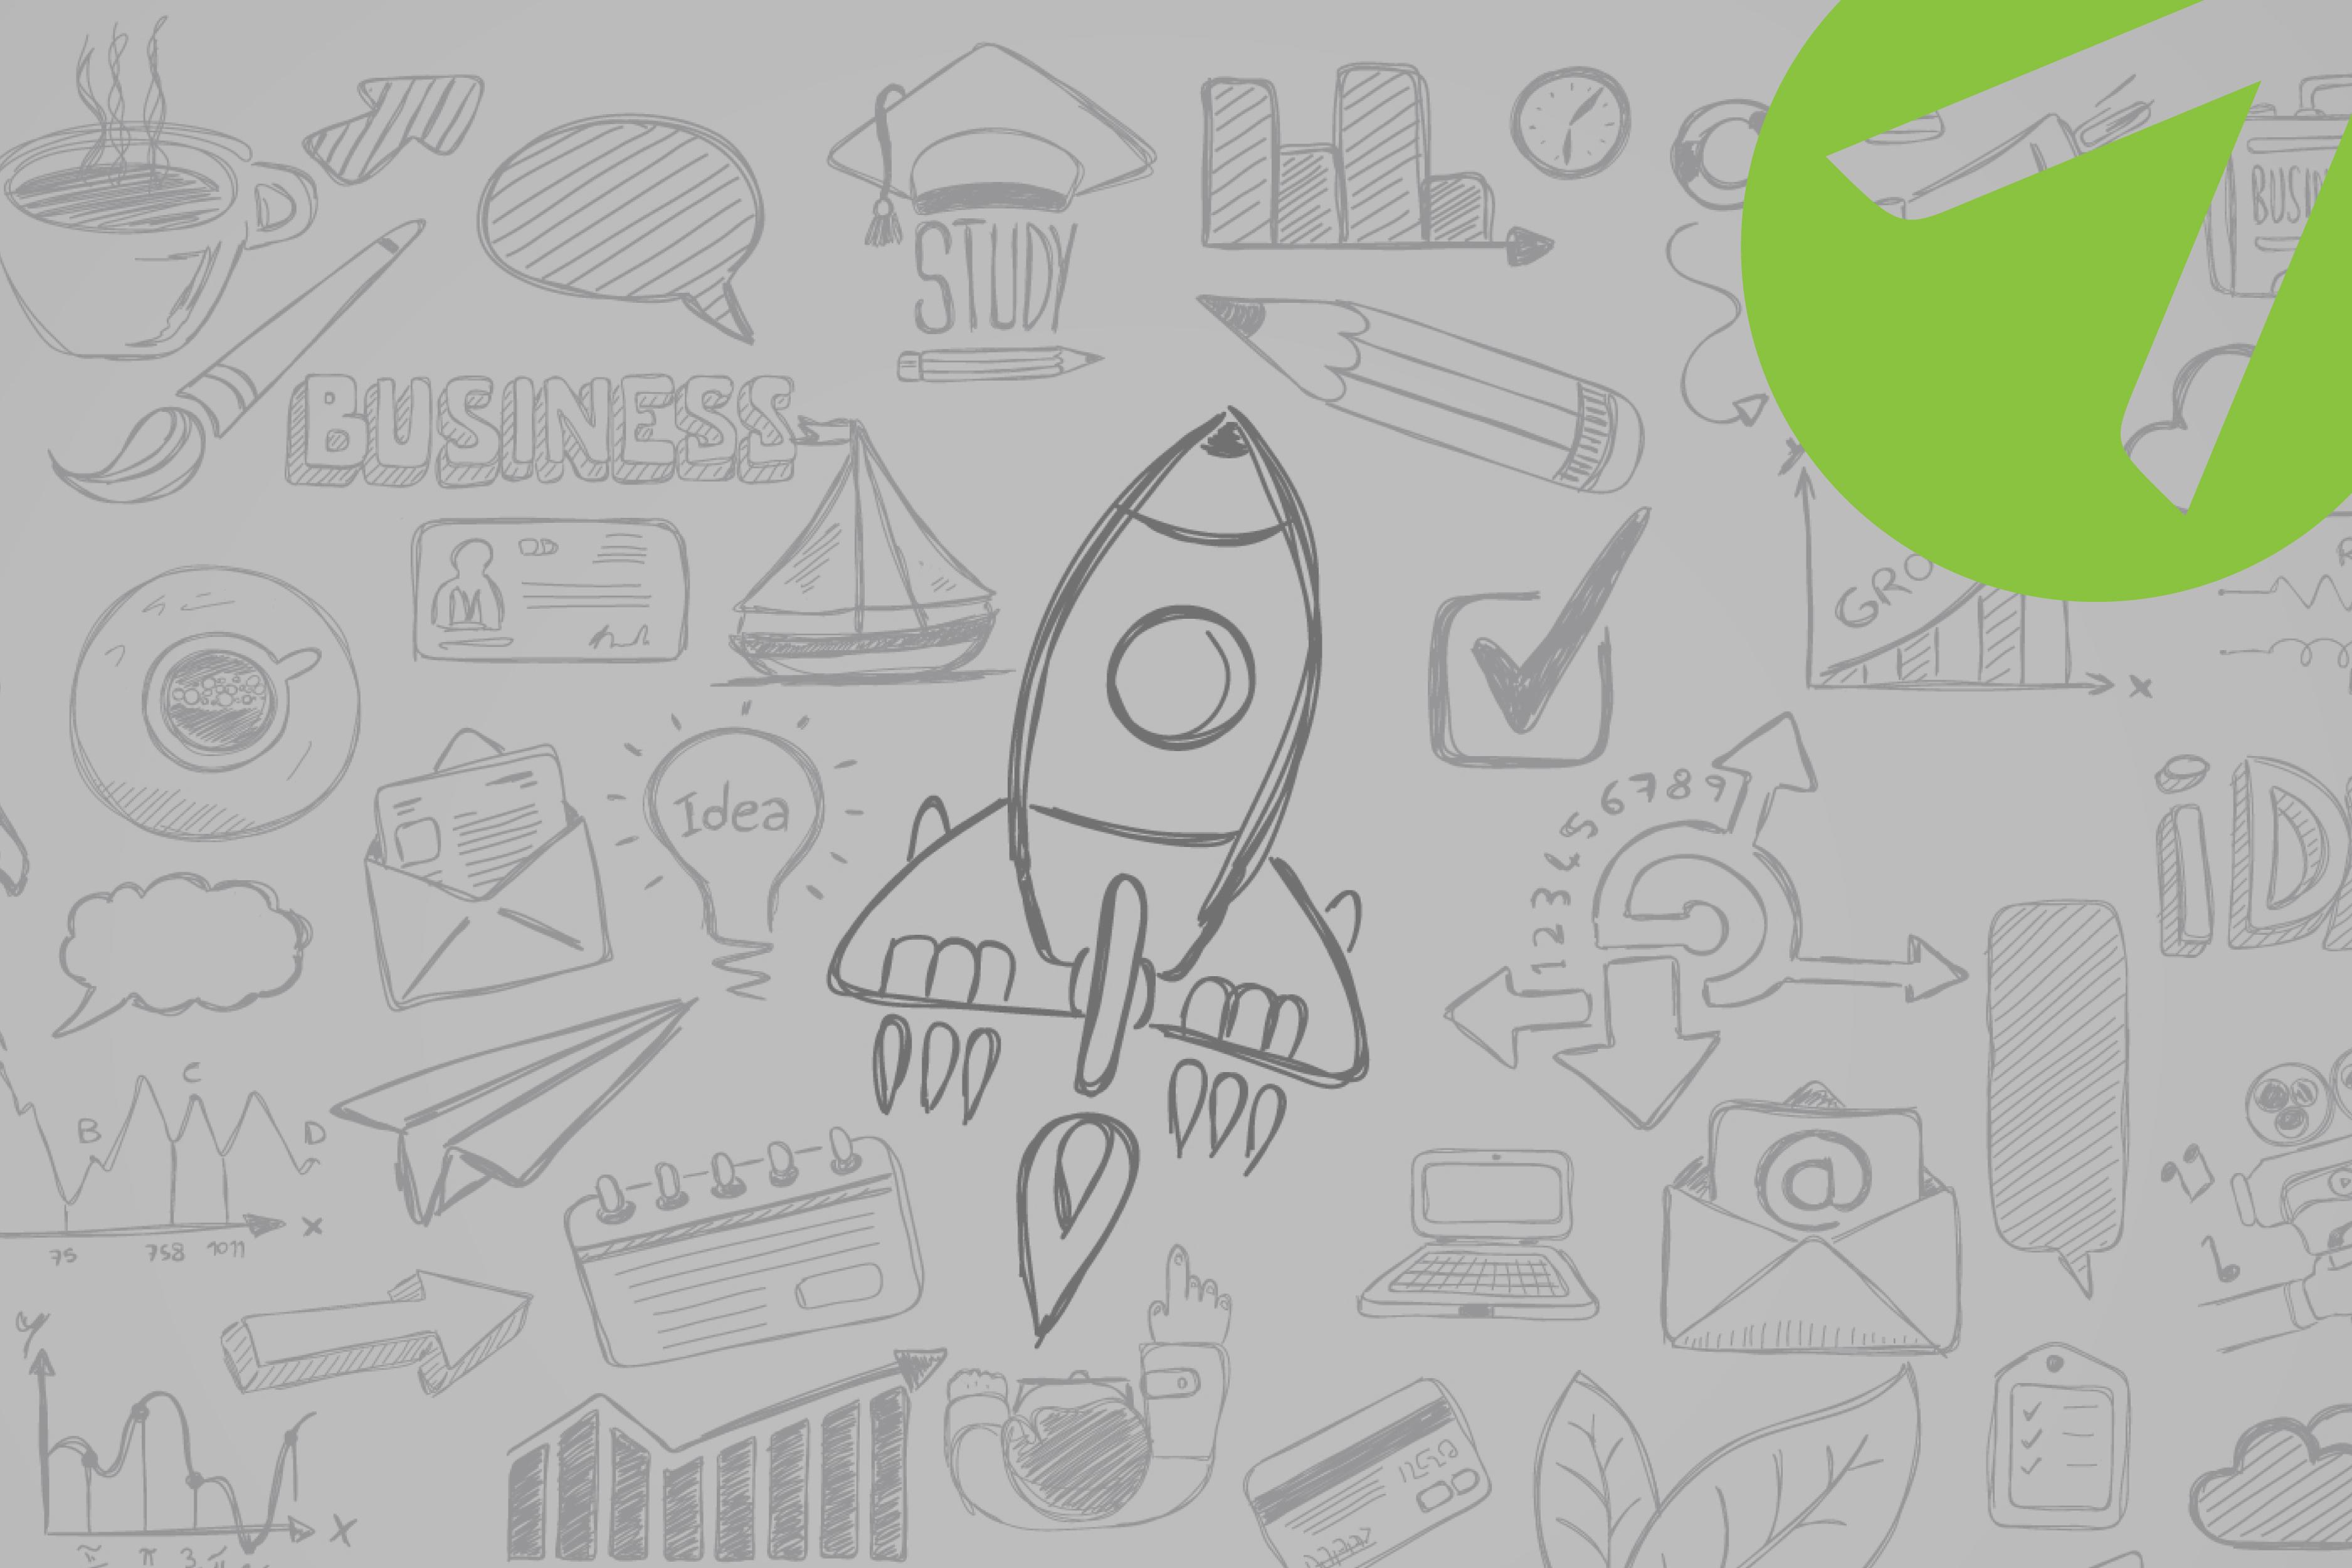 Lanzamiento 2021: Aceleradora de Empresas Industriales